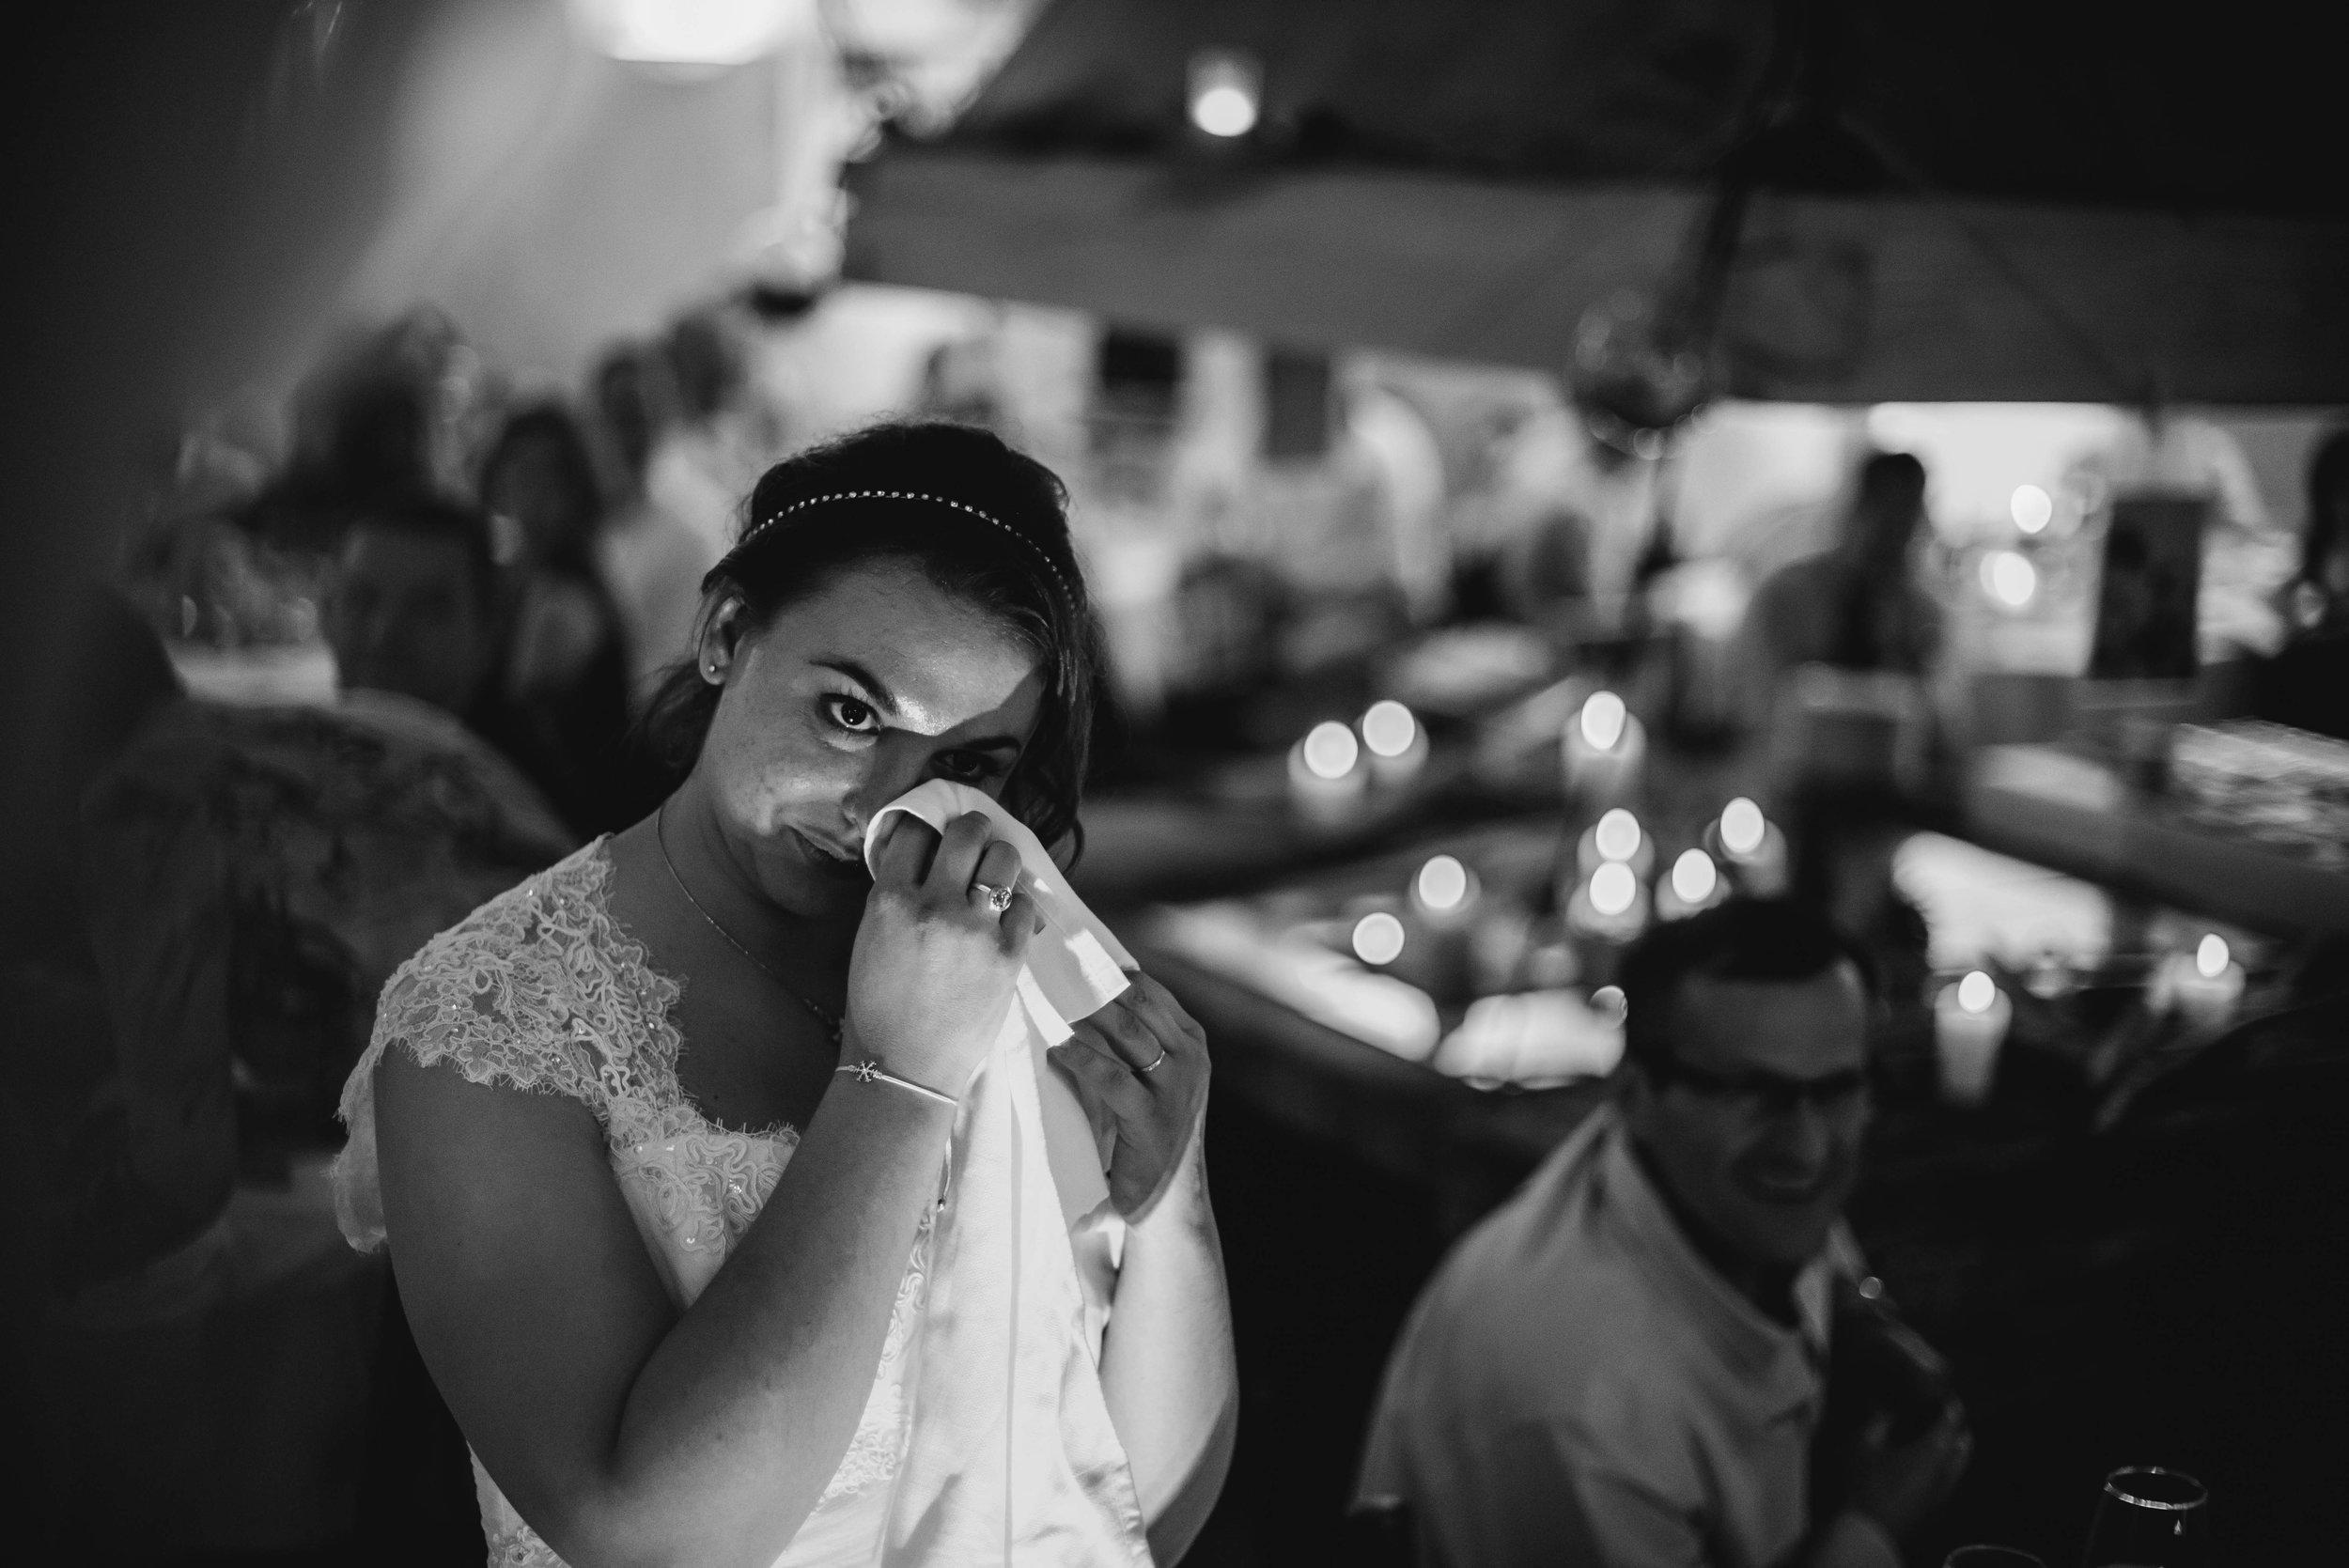 Léa-Fery-photographe-professionnel-lyon-rhone-alpes-portrait-mariage-couple-amour-lovesession-engagement-elopment-3396.jpg